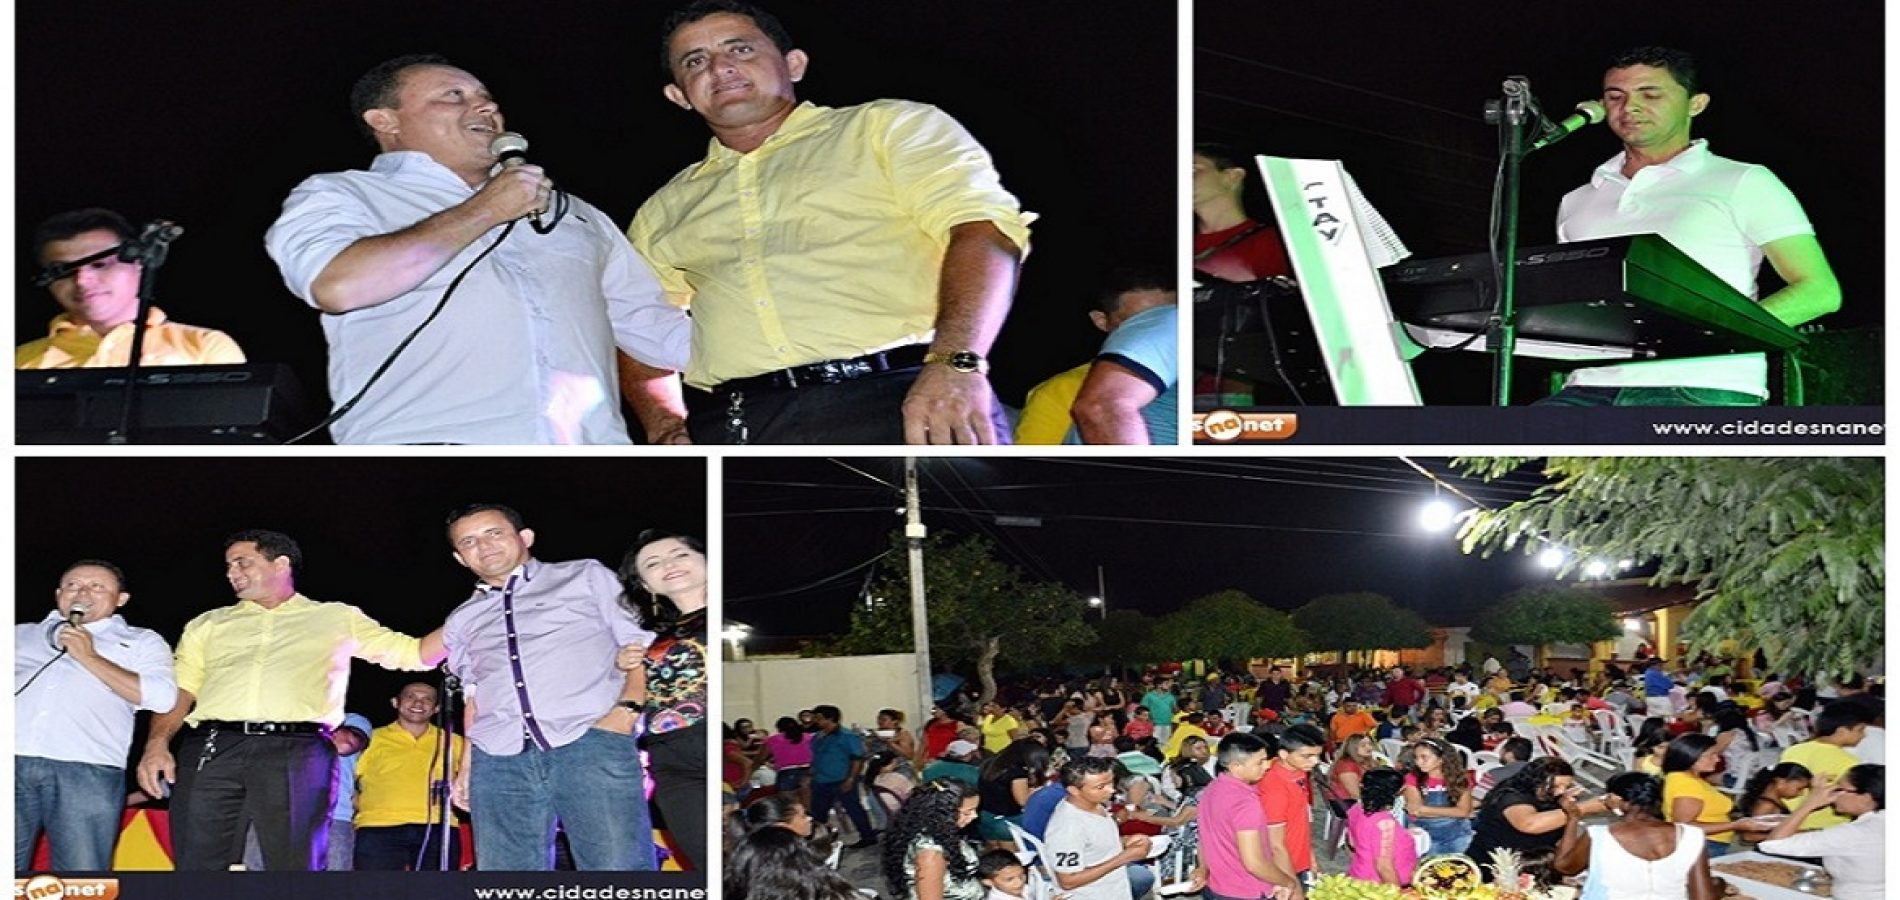 VILA NOVA | Vereador Roberto Moura faz carreata e oferece jantar em comemoração a sua vitória; Veja fotos